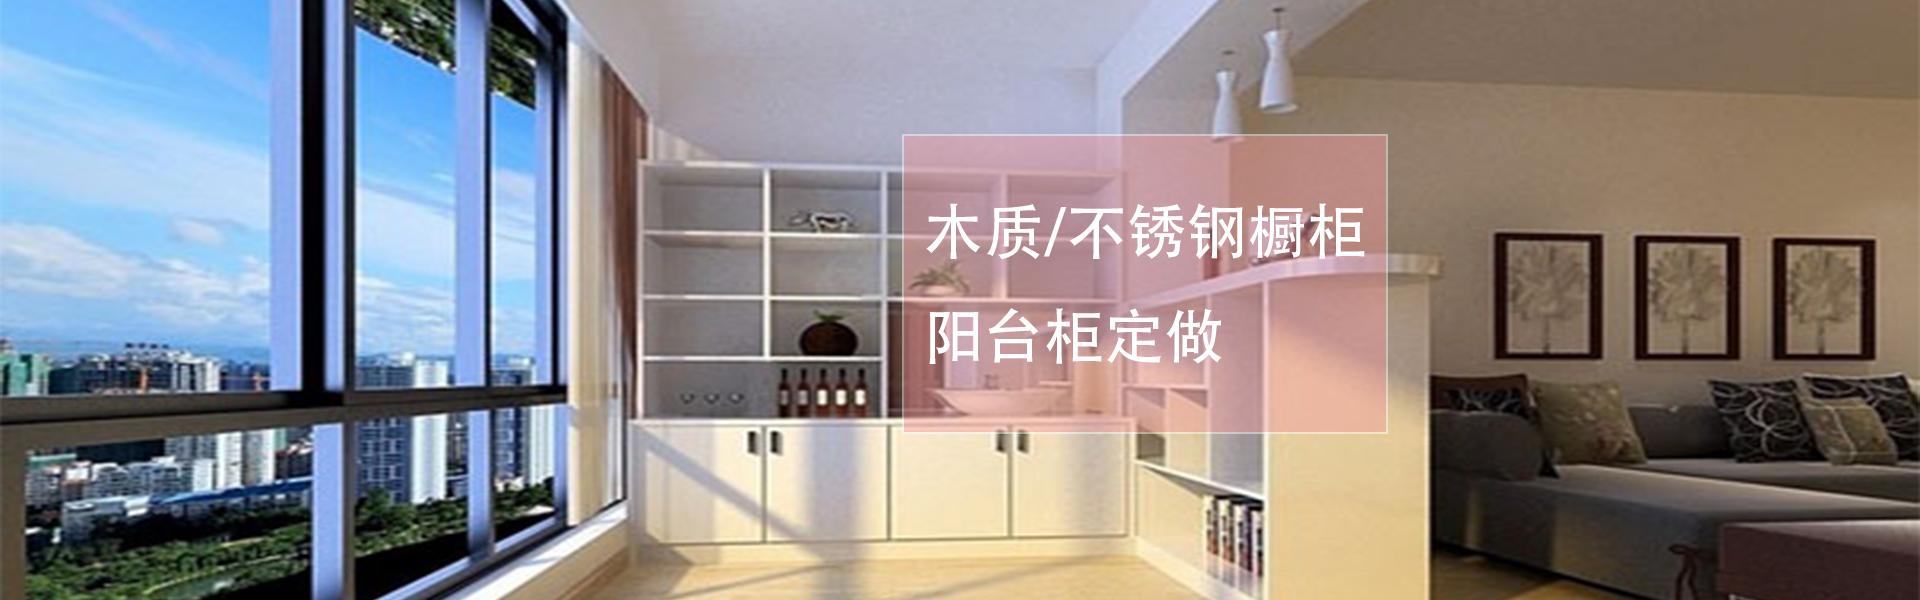 杭州建筑材料批发